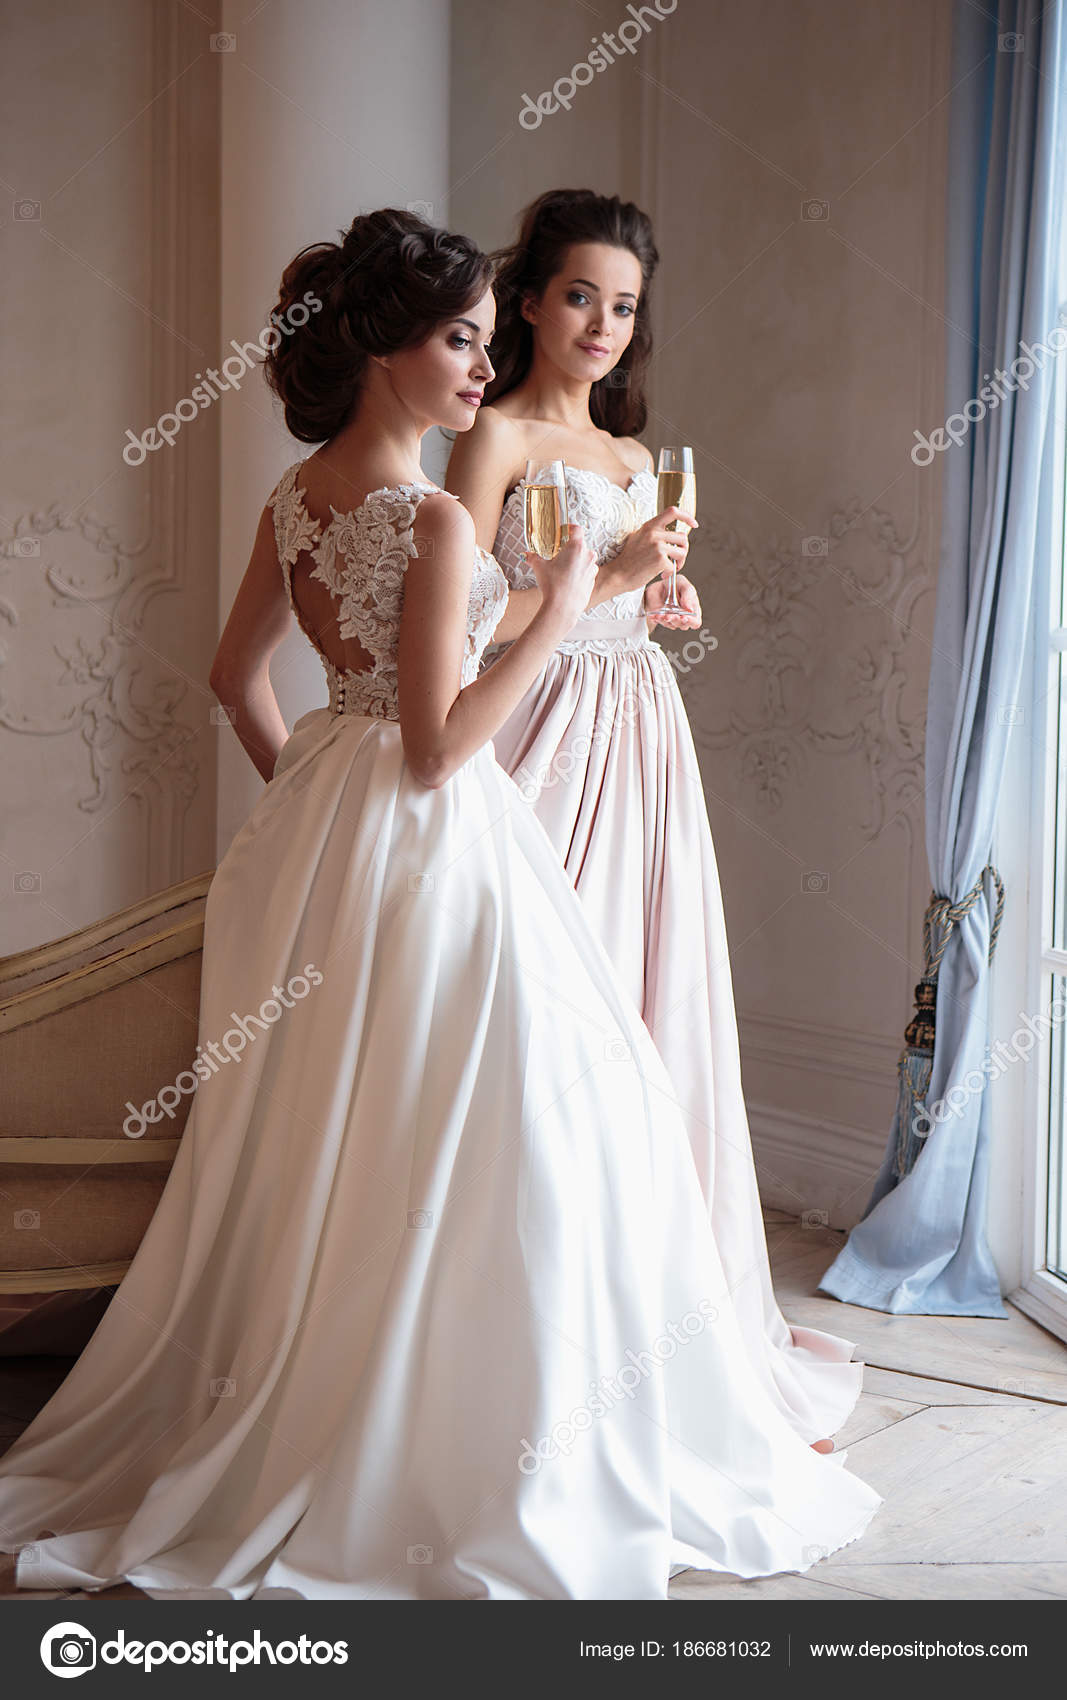 2f4cb4da4 Hermosa novia y damas de honor en vestidos de lujo. Mujeres jóvenes gemelos  en sesión fotográfica de boda — Foto de ...